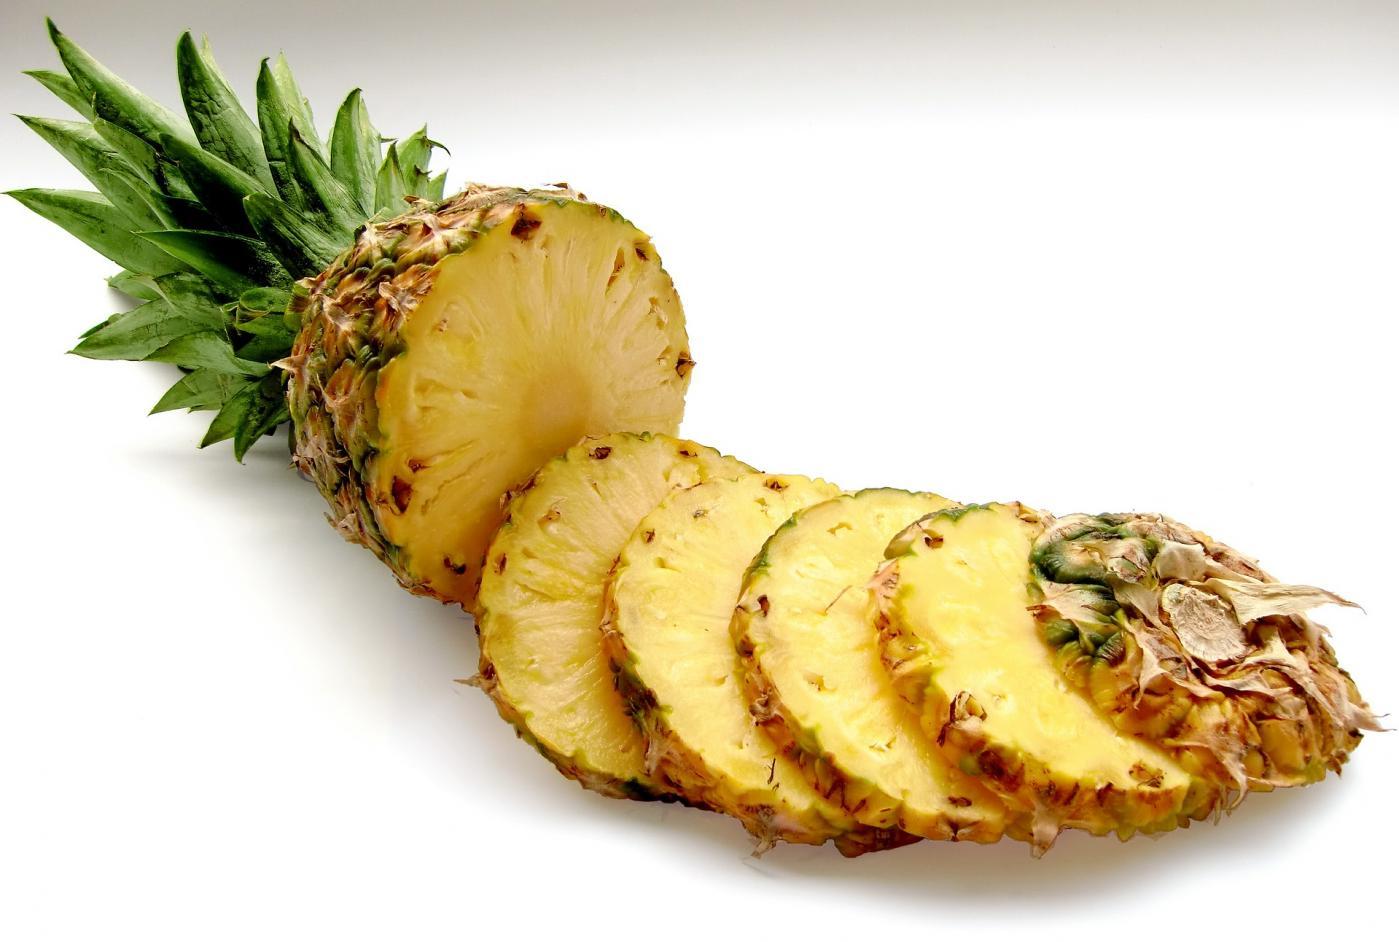 magas vérnyomásból származó gyümölcsök amit nem ehet magas vérnyomás magas vérnyomás esetén